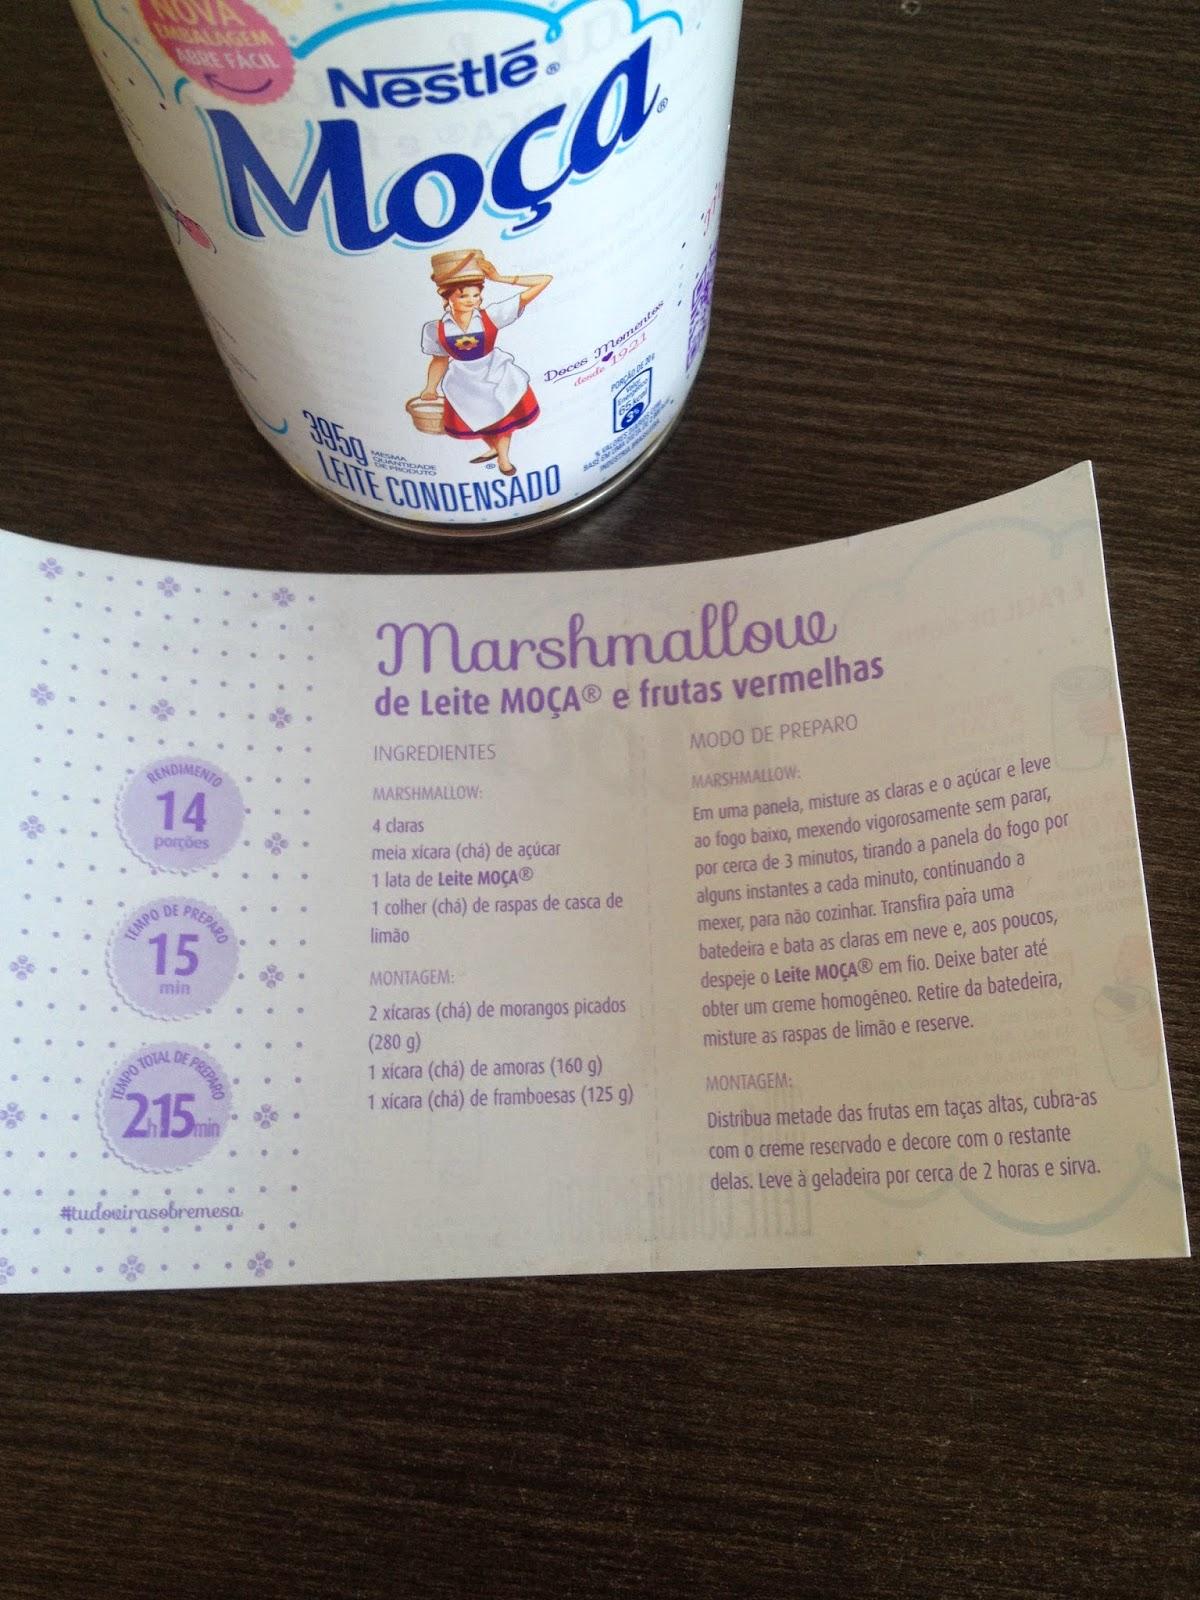 leite+condensado+mo%C3%A7a Direto da Prateleira: A Nova Lata de Leite Condensado Moça